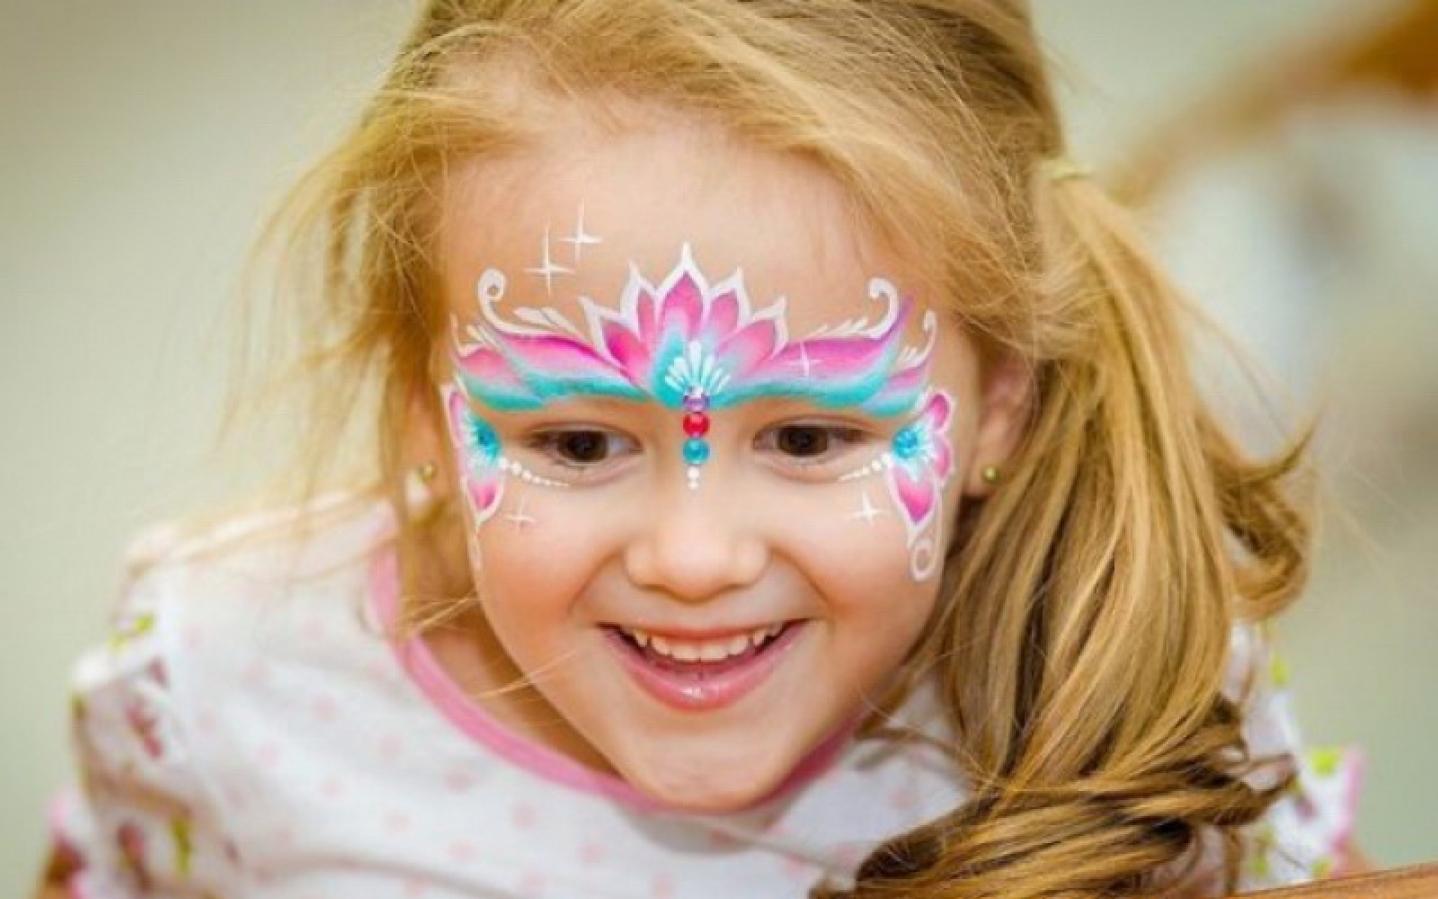 Как сделать аквагрим ребенку самостоятельно – пошаговые схемы и инструкции